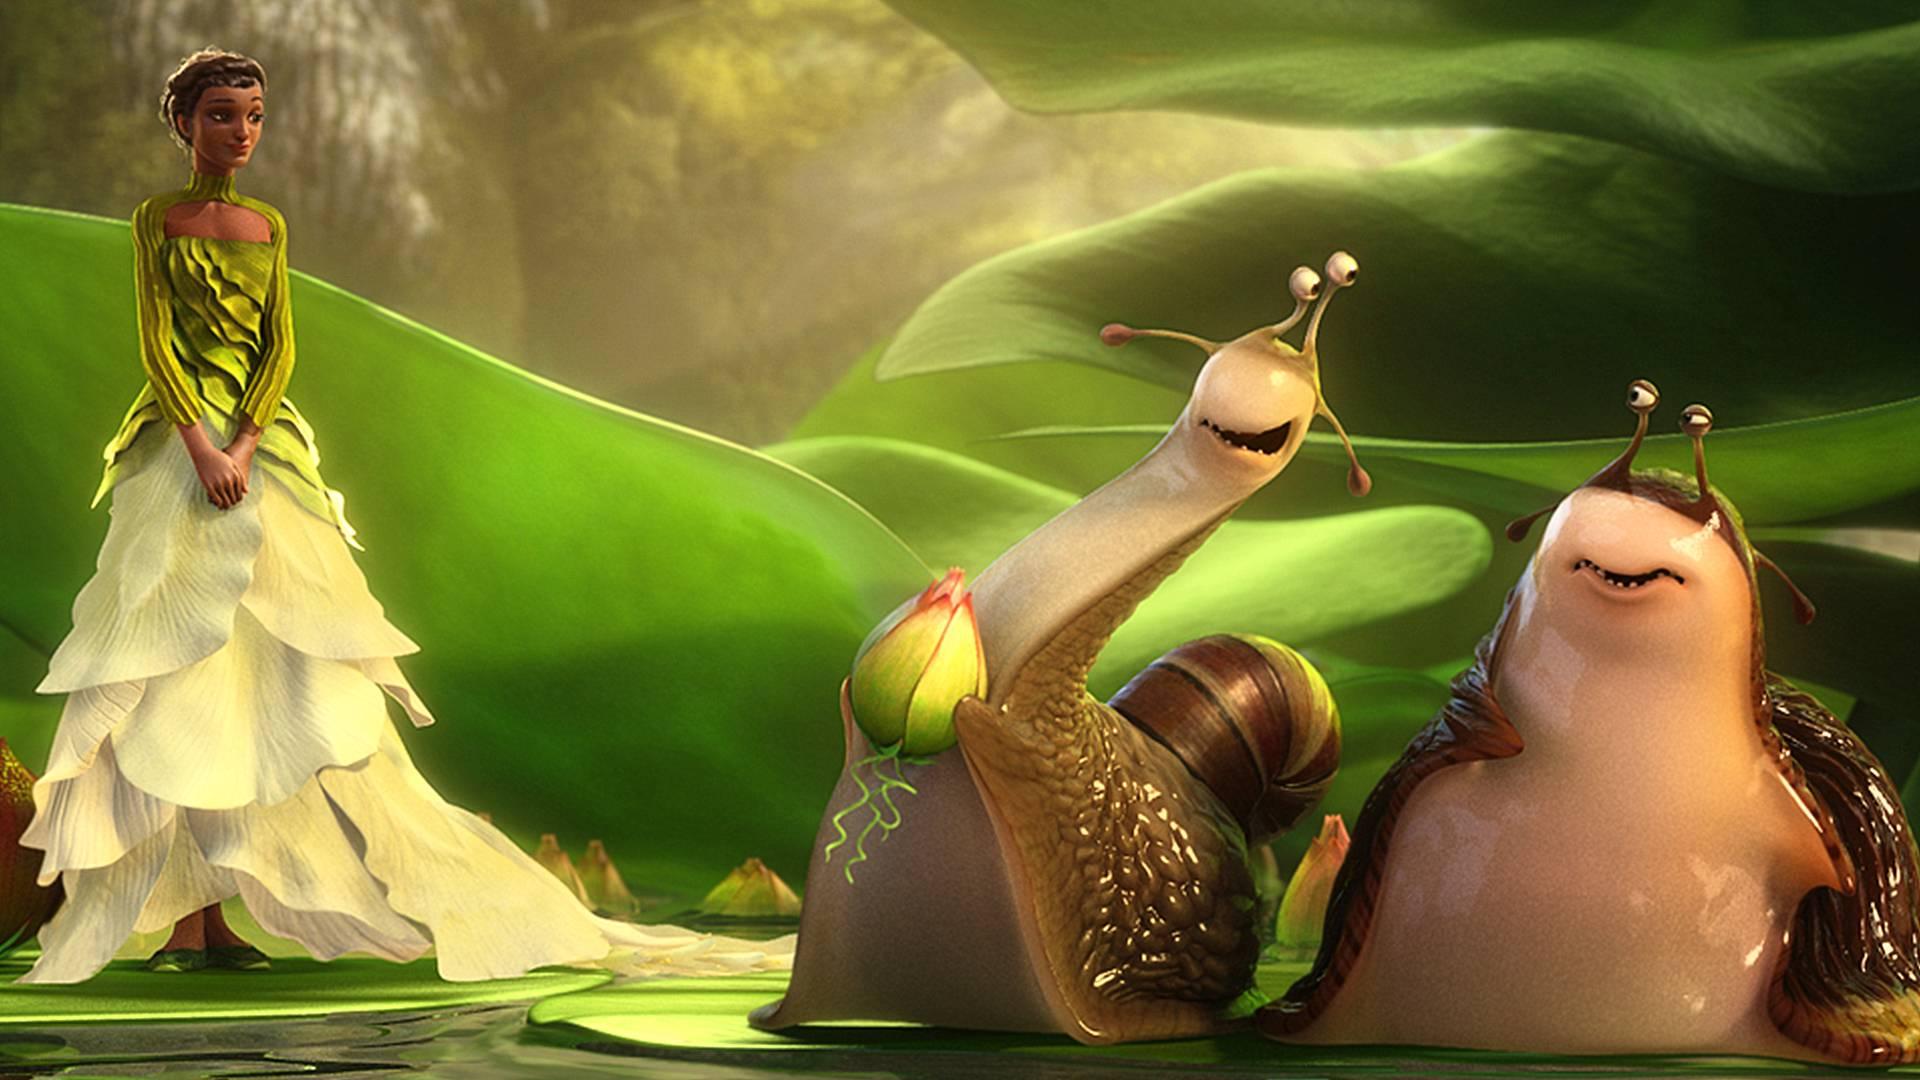 小蜗牛爱上人类女孩,为了女神出生入死,一部